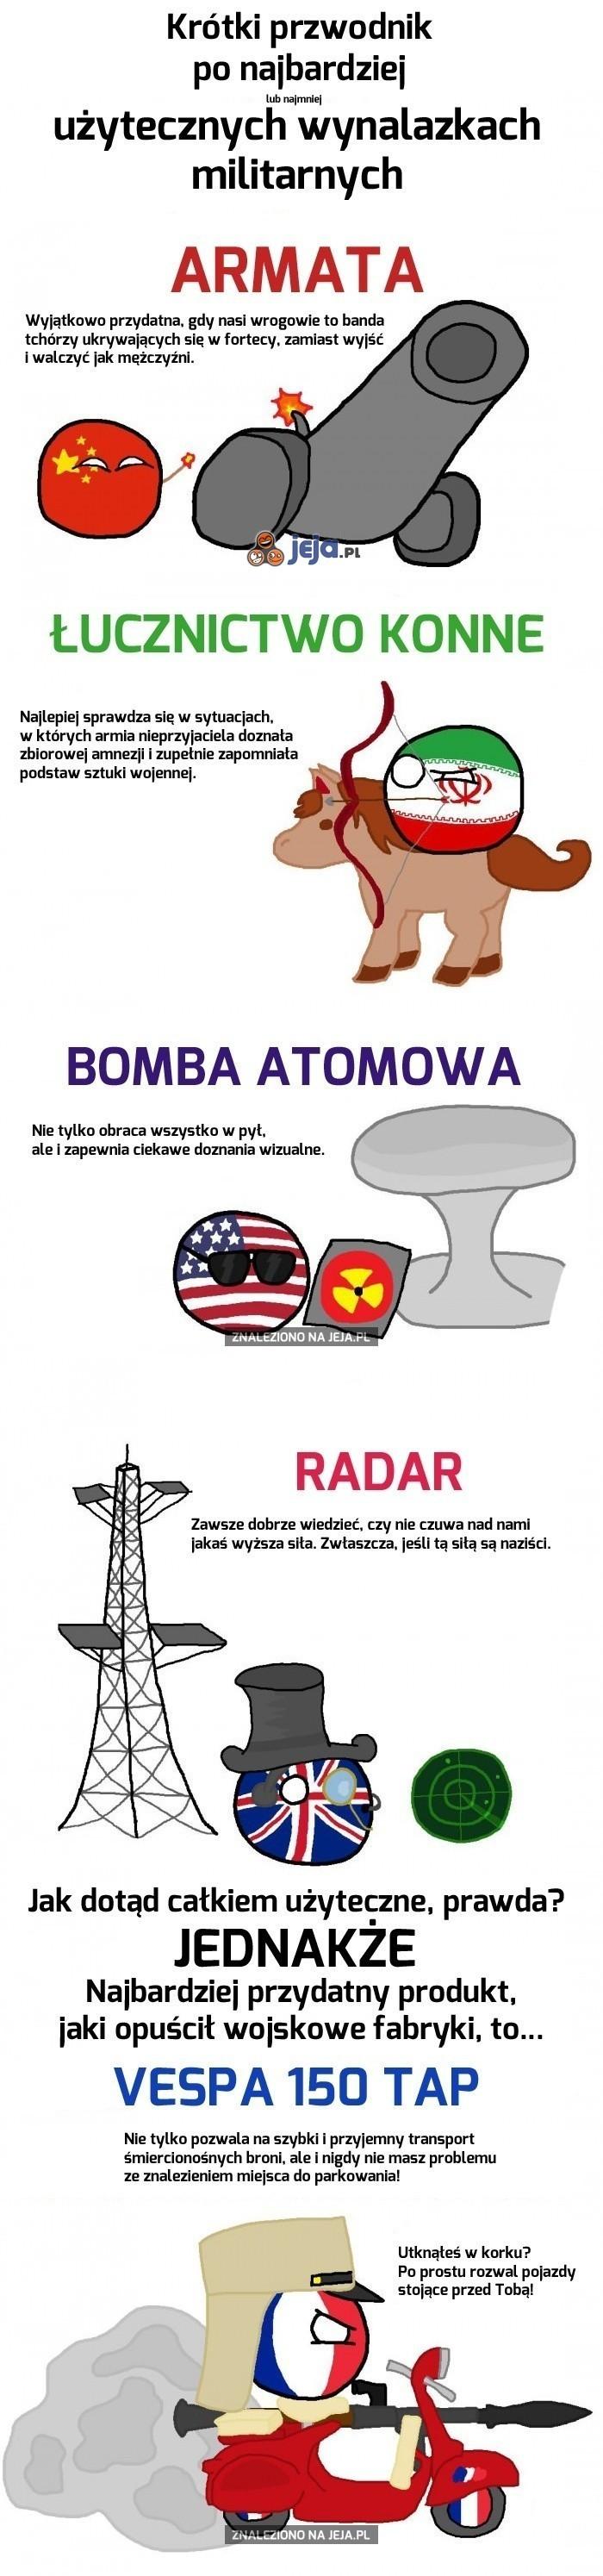 Przydatne wynalazki militarne